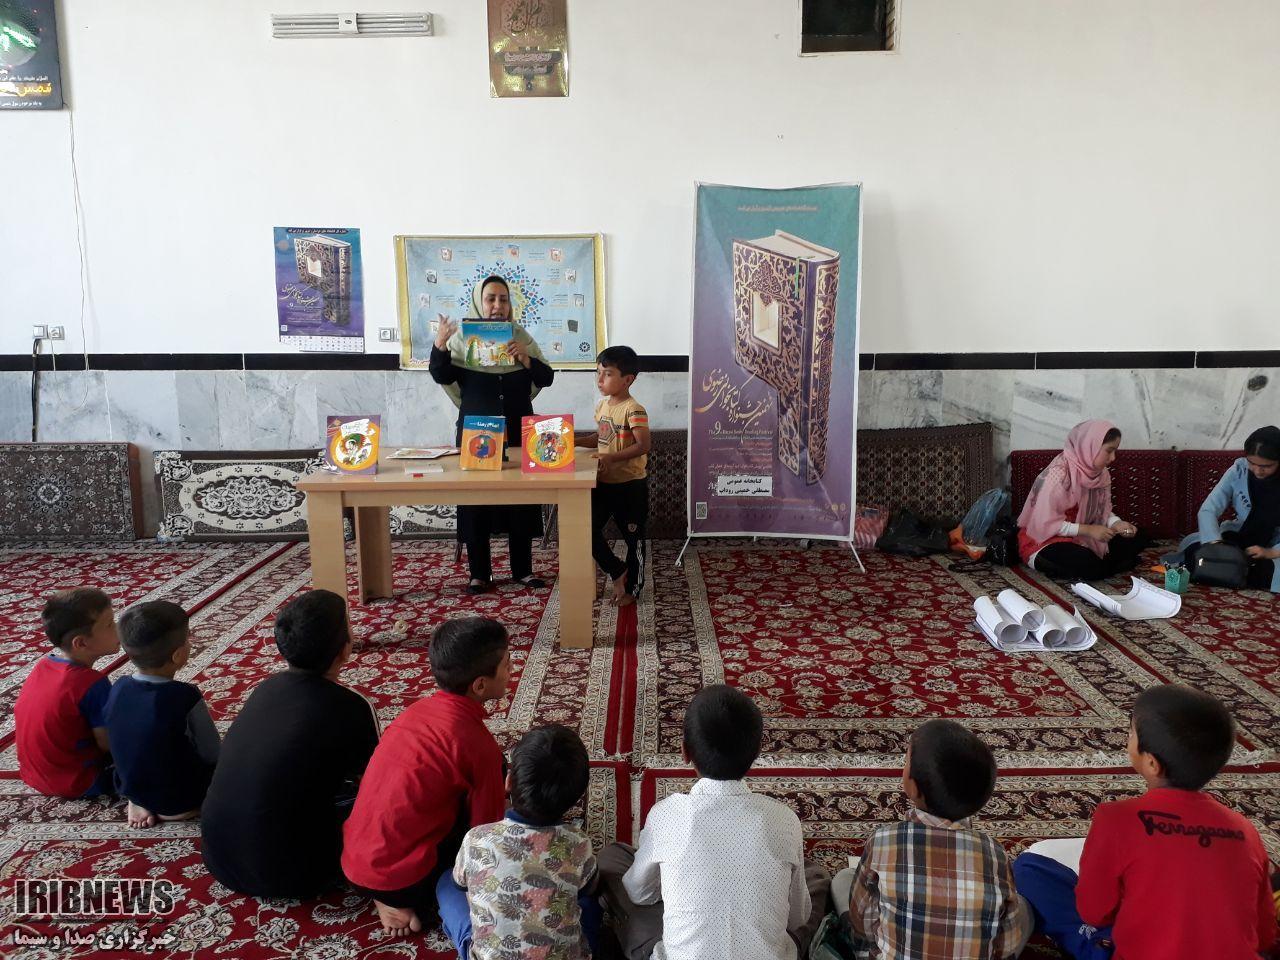 برگزاری نهمین جشنواره کتابخوانی رضوی در بخش روداب سبزوار